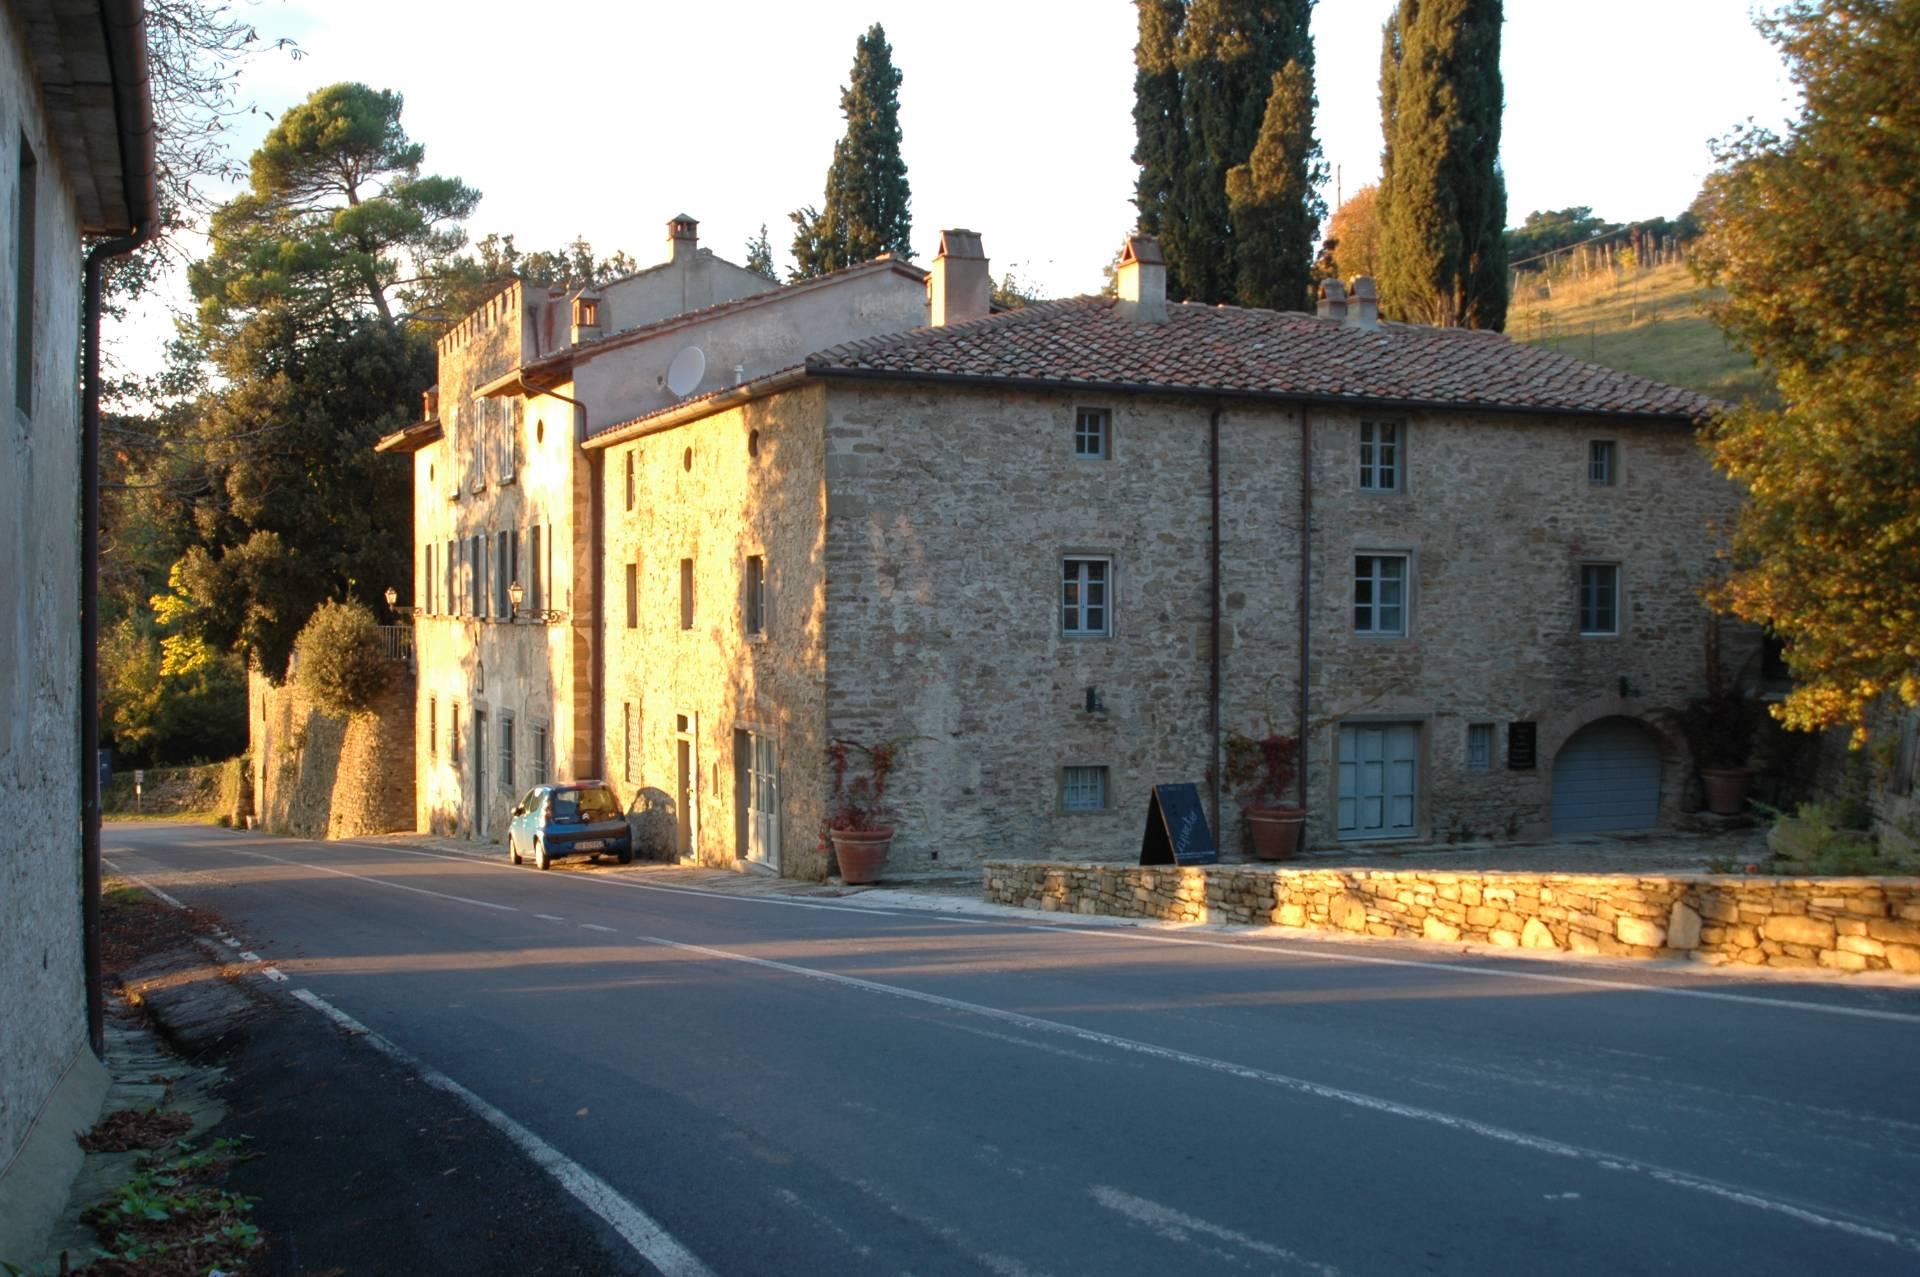 Appartamento in vendita a Anghiari, 14 locali, zona Zona: Scheggia, prezzo € 550.000 | CambioCasa.it